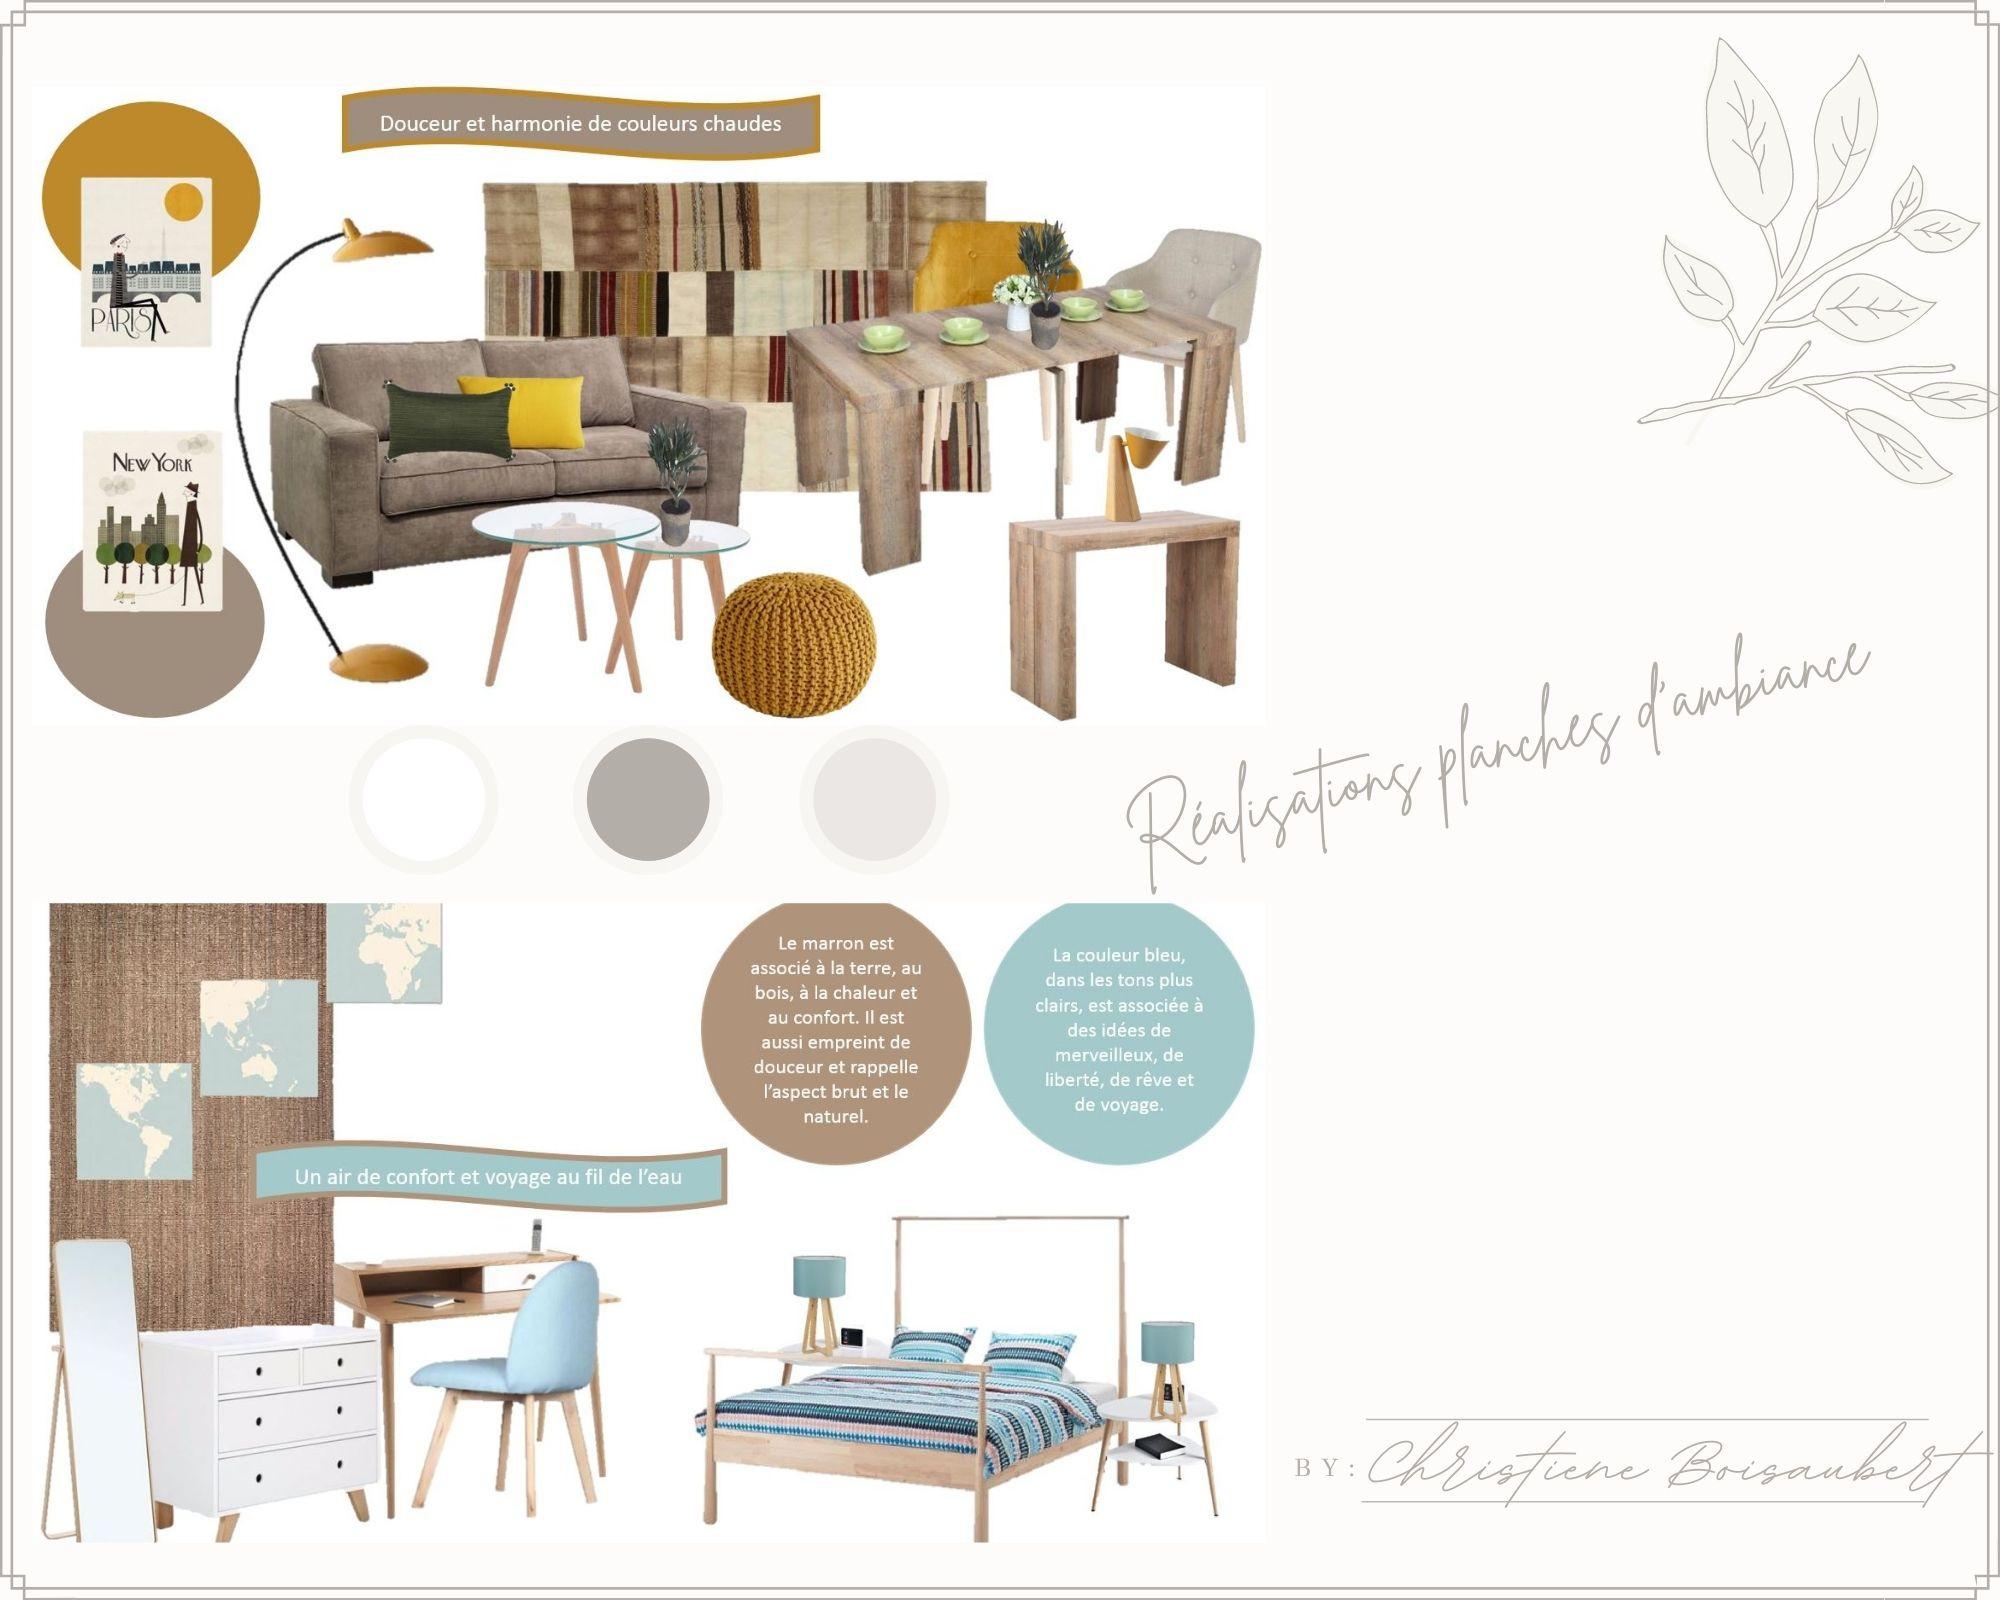 Planche d'ambiance et d'inspiration projets de décoration